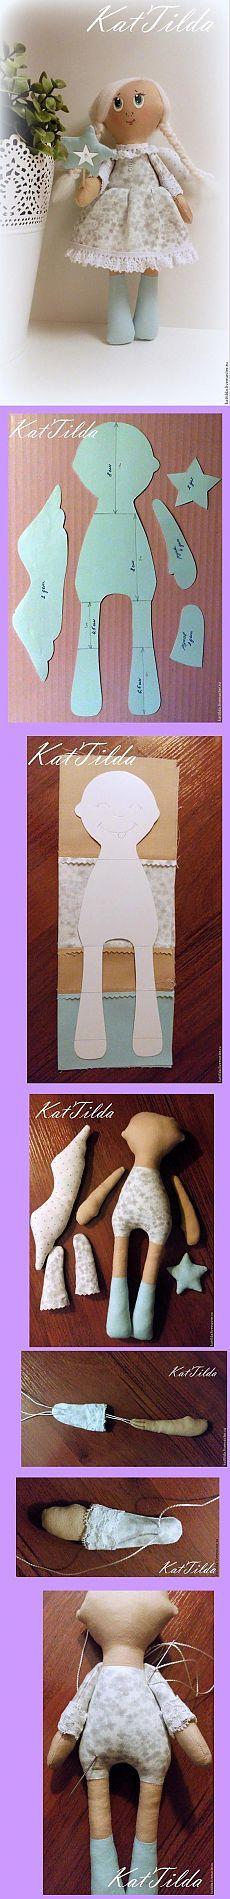 Пин от пользователя Diane Schmidt на доске Dolls - Sew | Мягкие Куклы, Ангел и Куклы